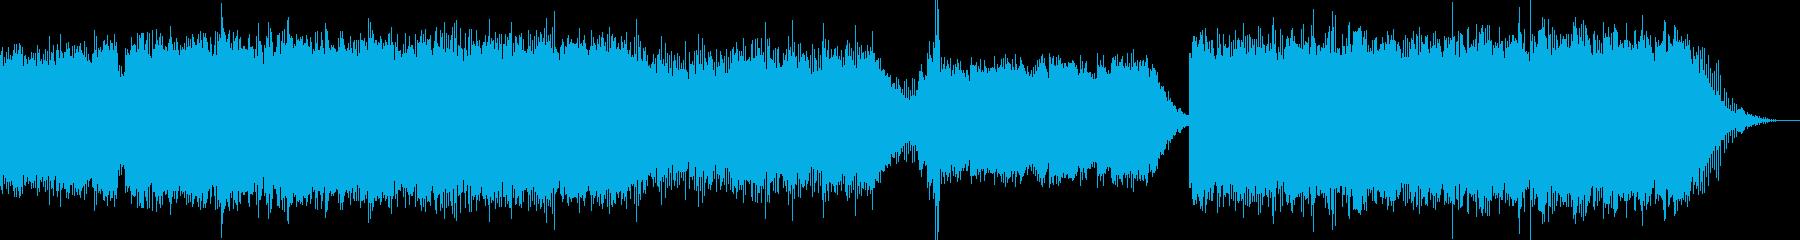 ベースなし エレクトロなアンビエントの再生済みの波形